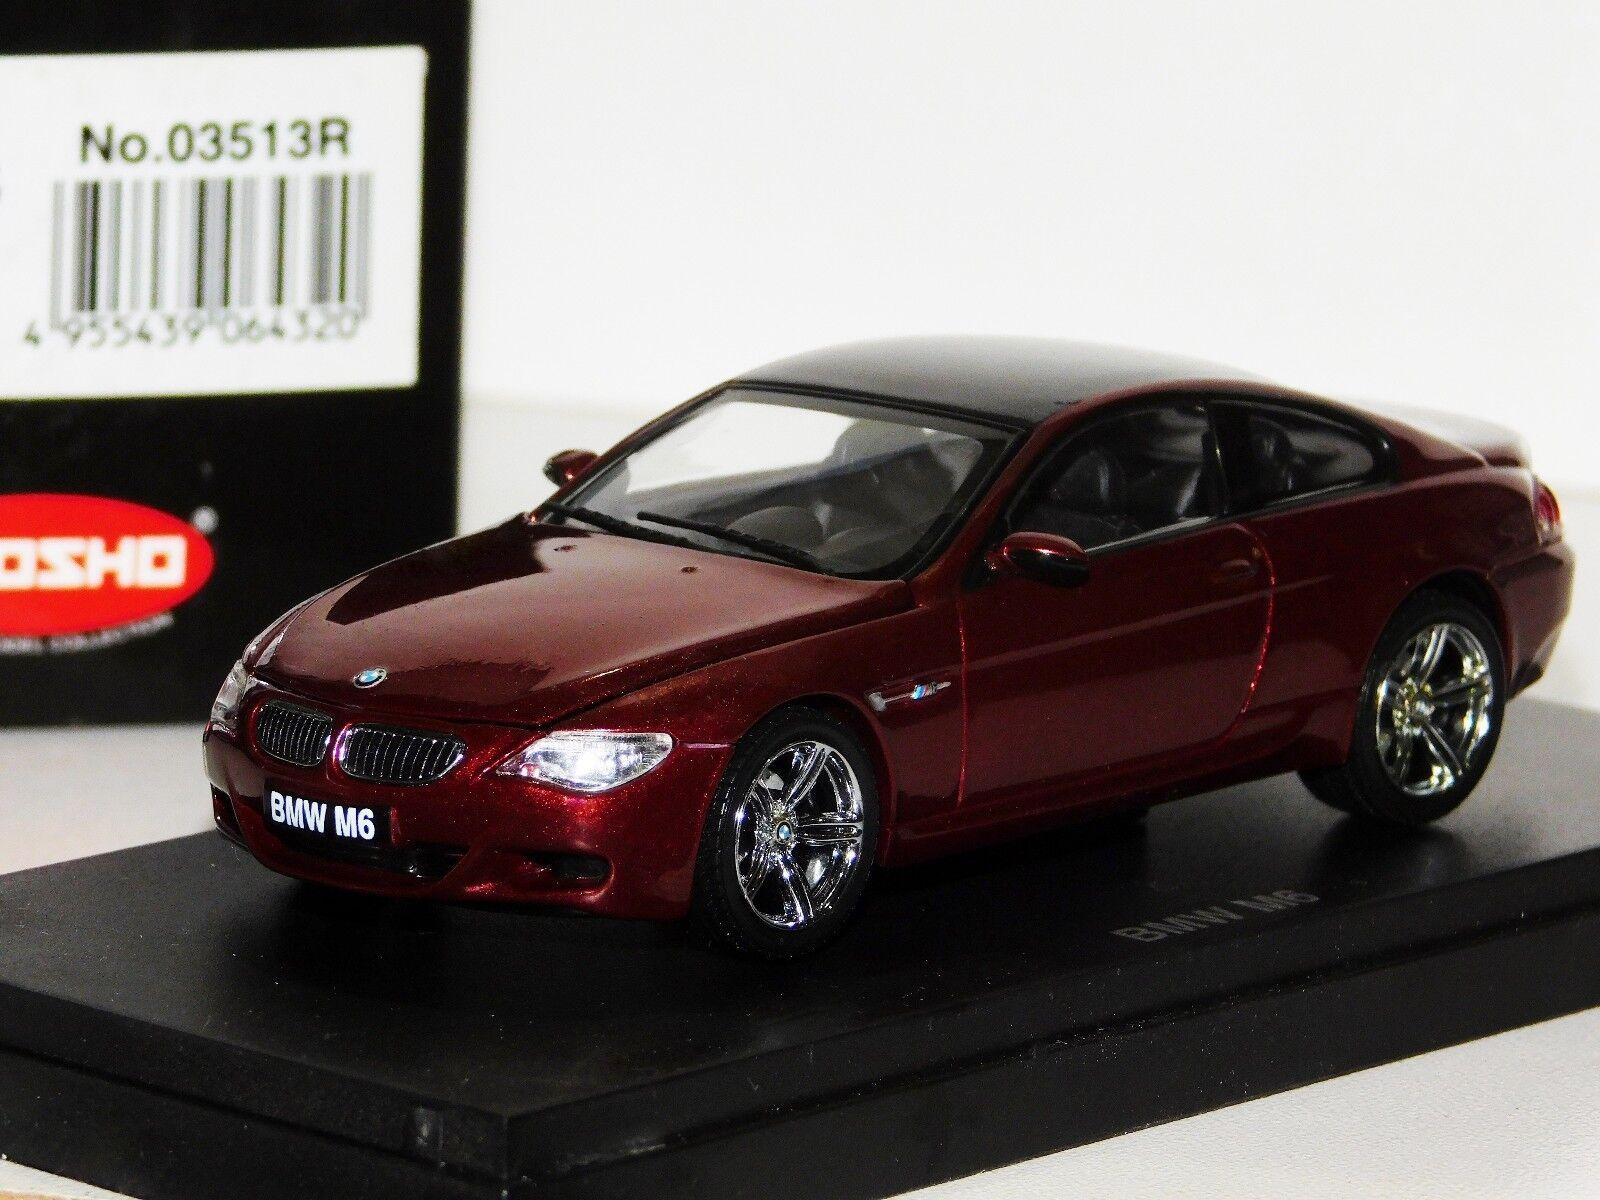 BMW M6 Rojo Oscuro Apertura Capó Kyosho 03513R 1 43 43 43 d5cf35